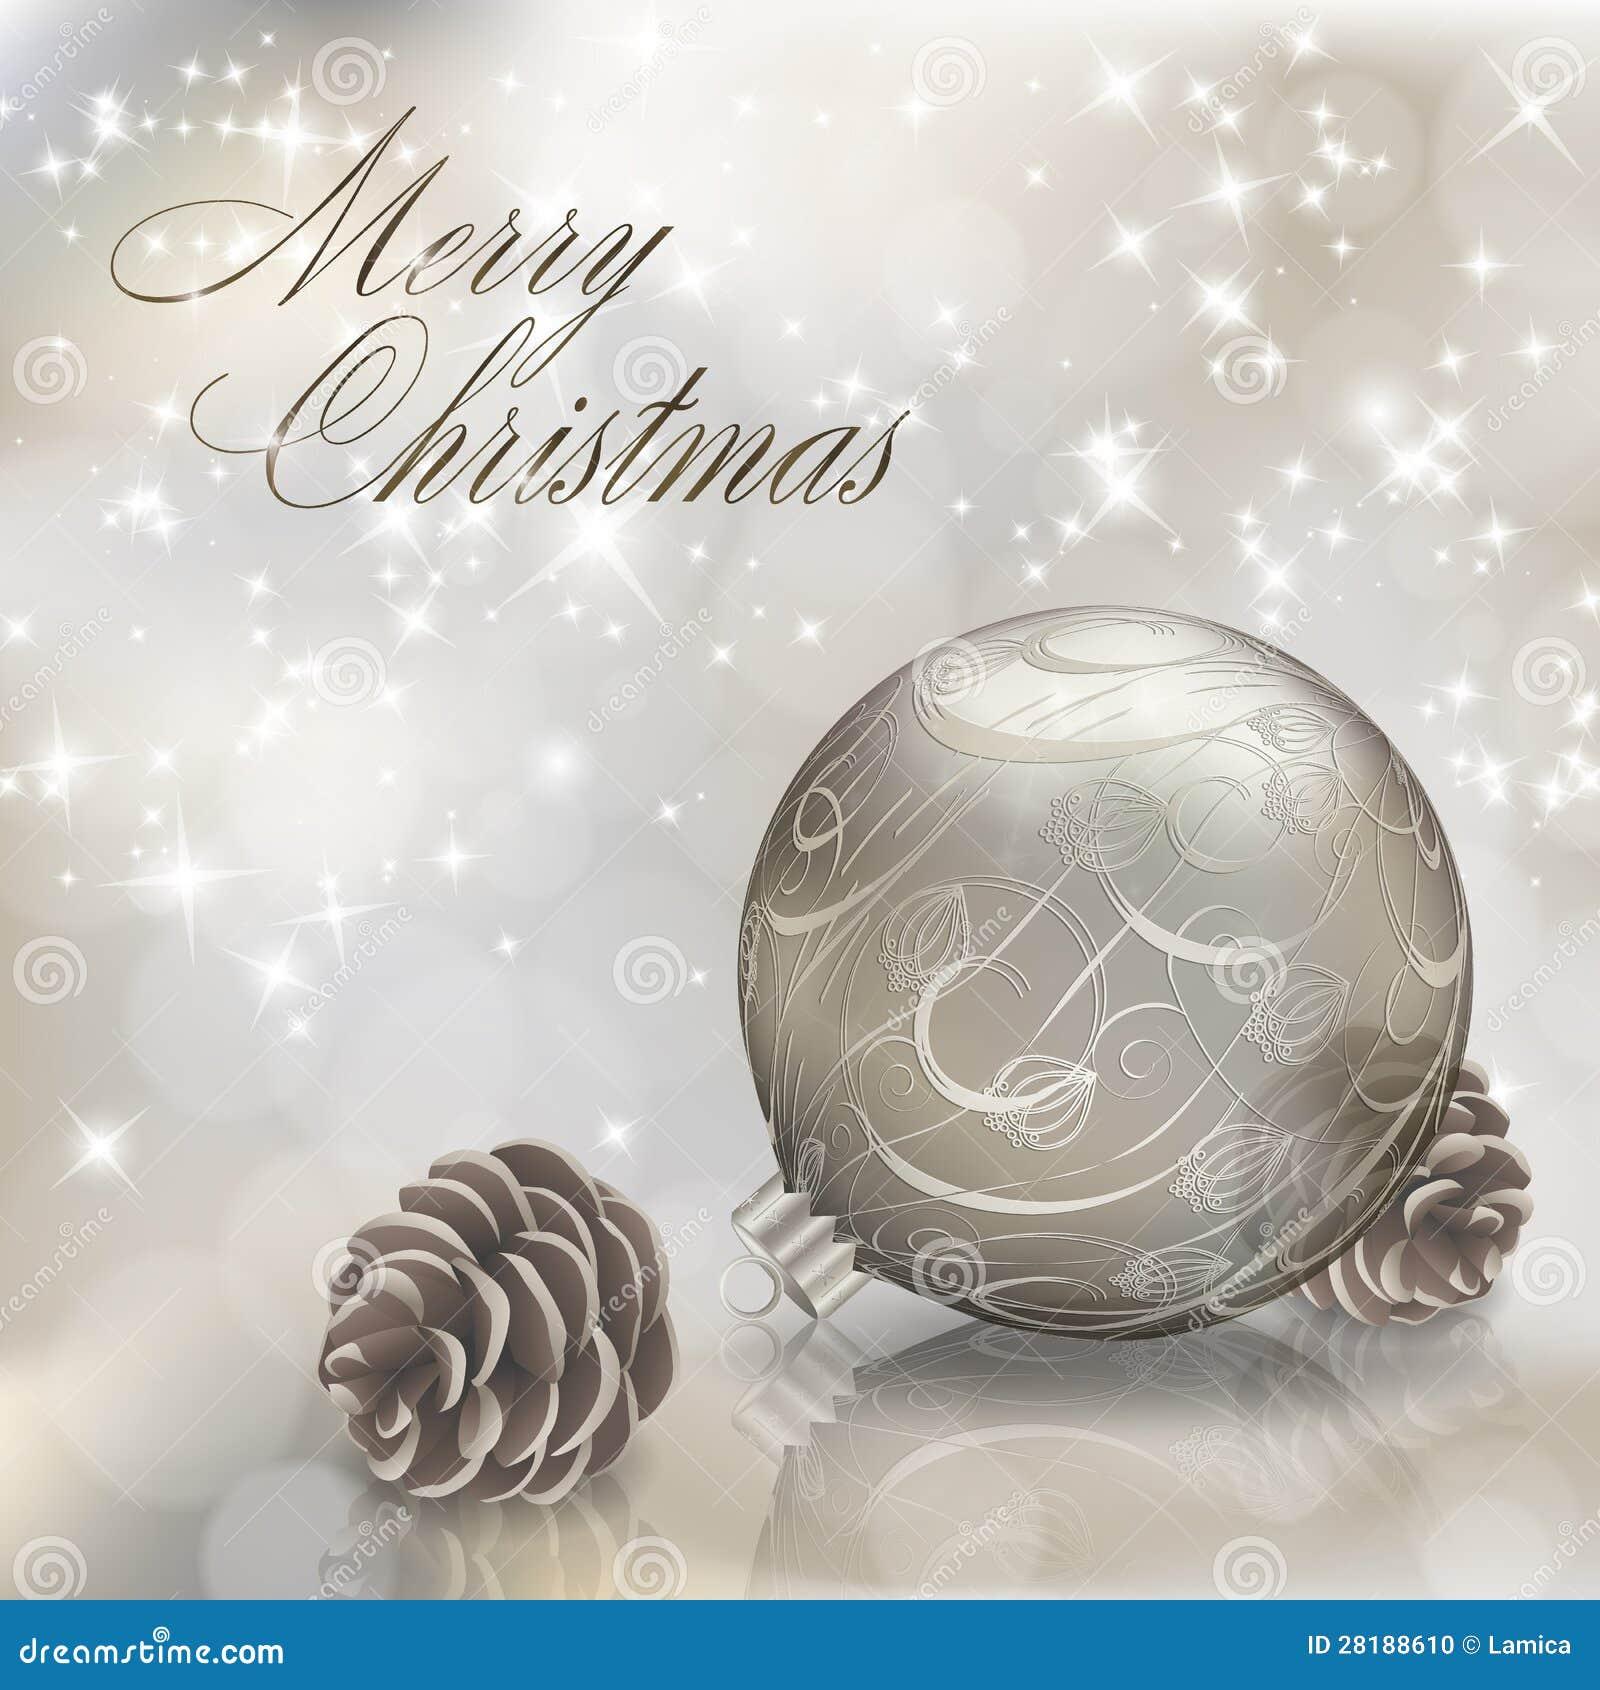 Auguri Di Buon Natale Eleganti.Cartolina D Auguri D Argento Di Buon Natale Illustrazione Vettoriale